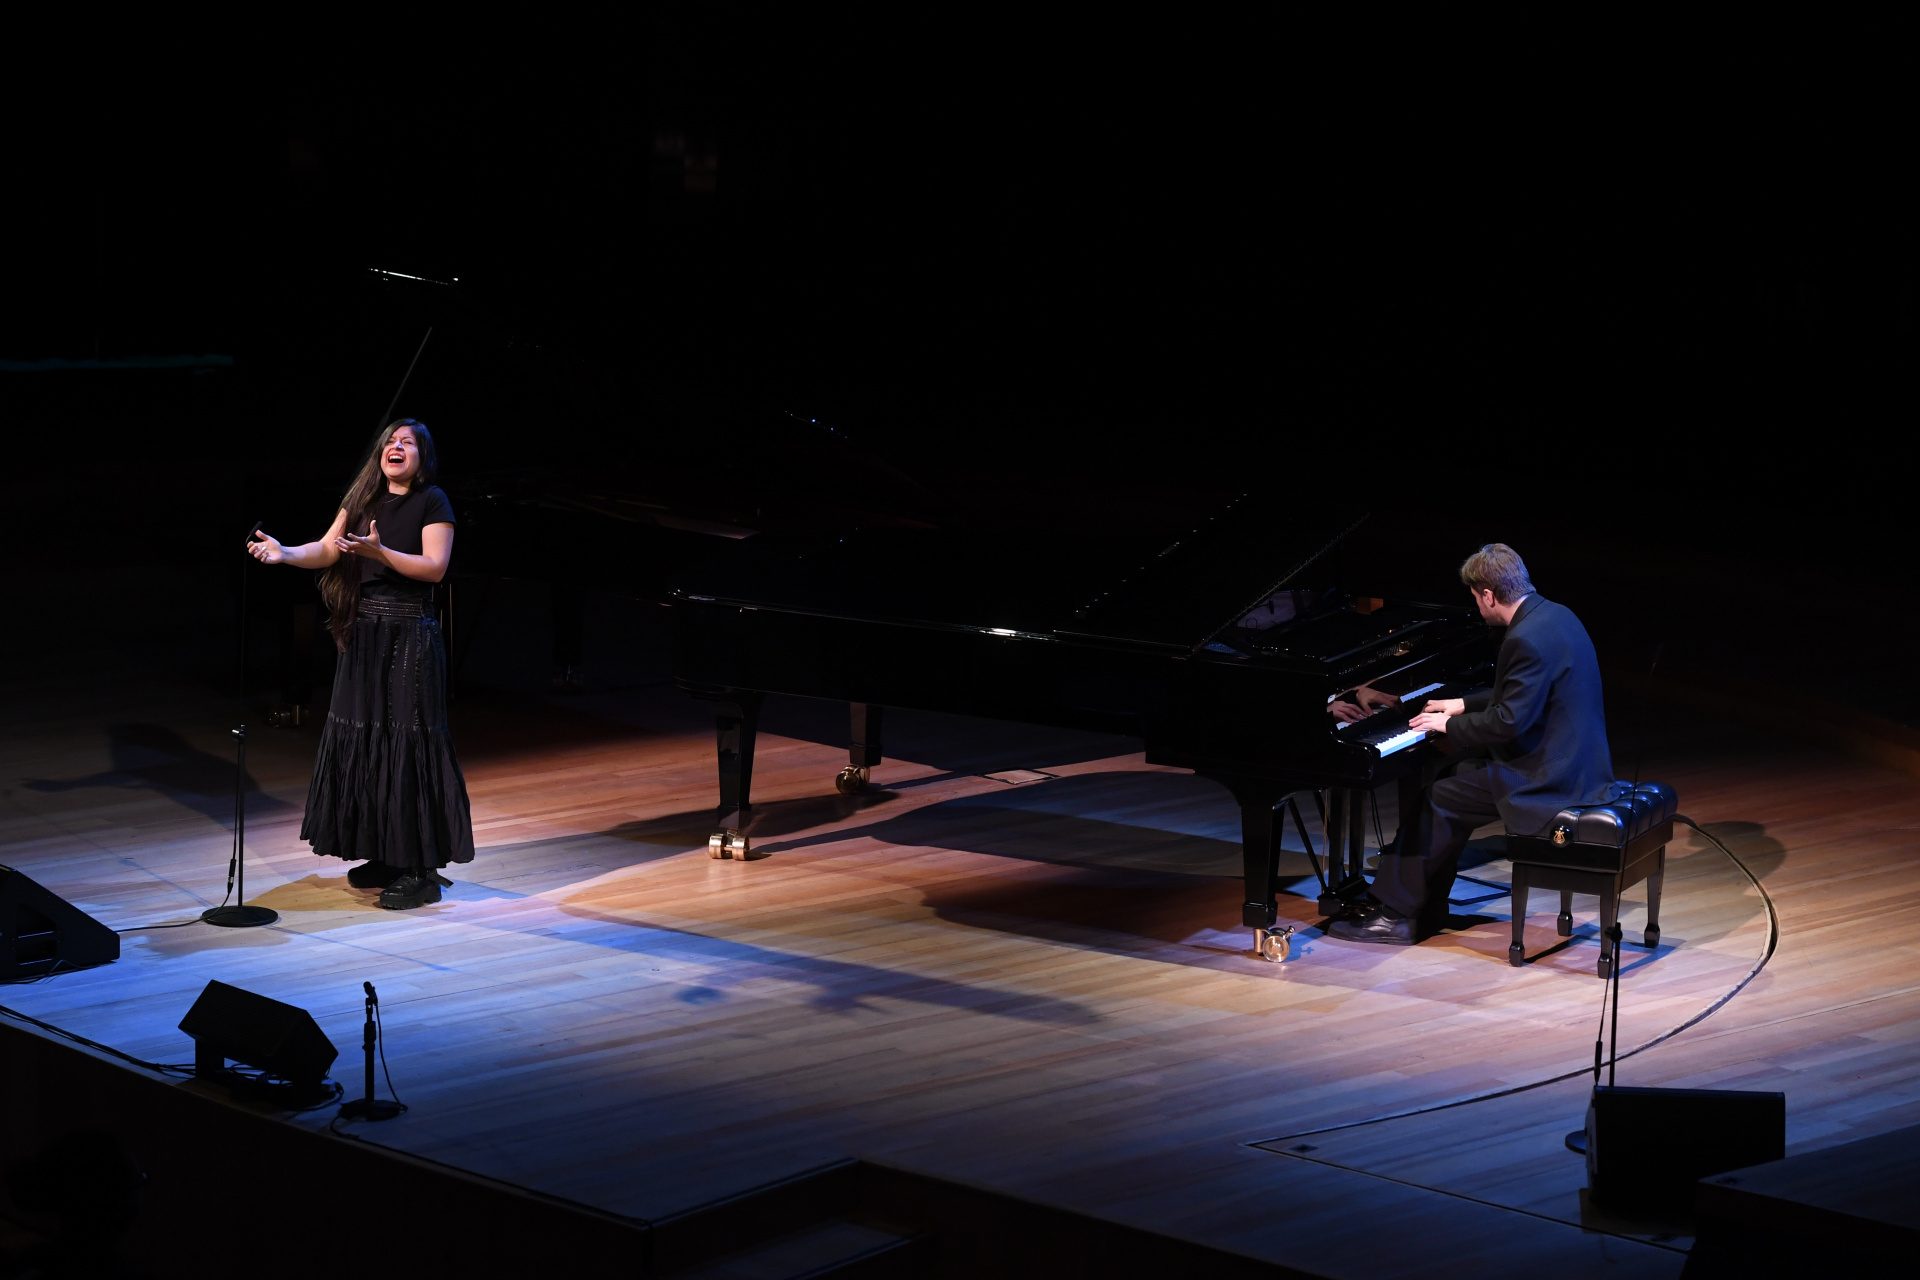 Durante la tarde, también actuaron la cantante Nadia Larcher y el pianista Andrés Beeuwsaert (Maximiliano Luna)